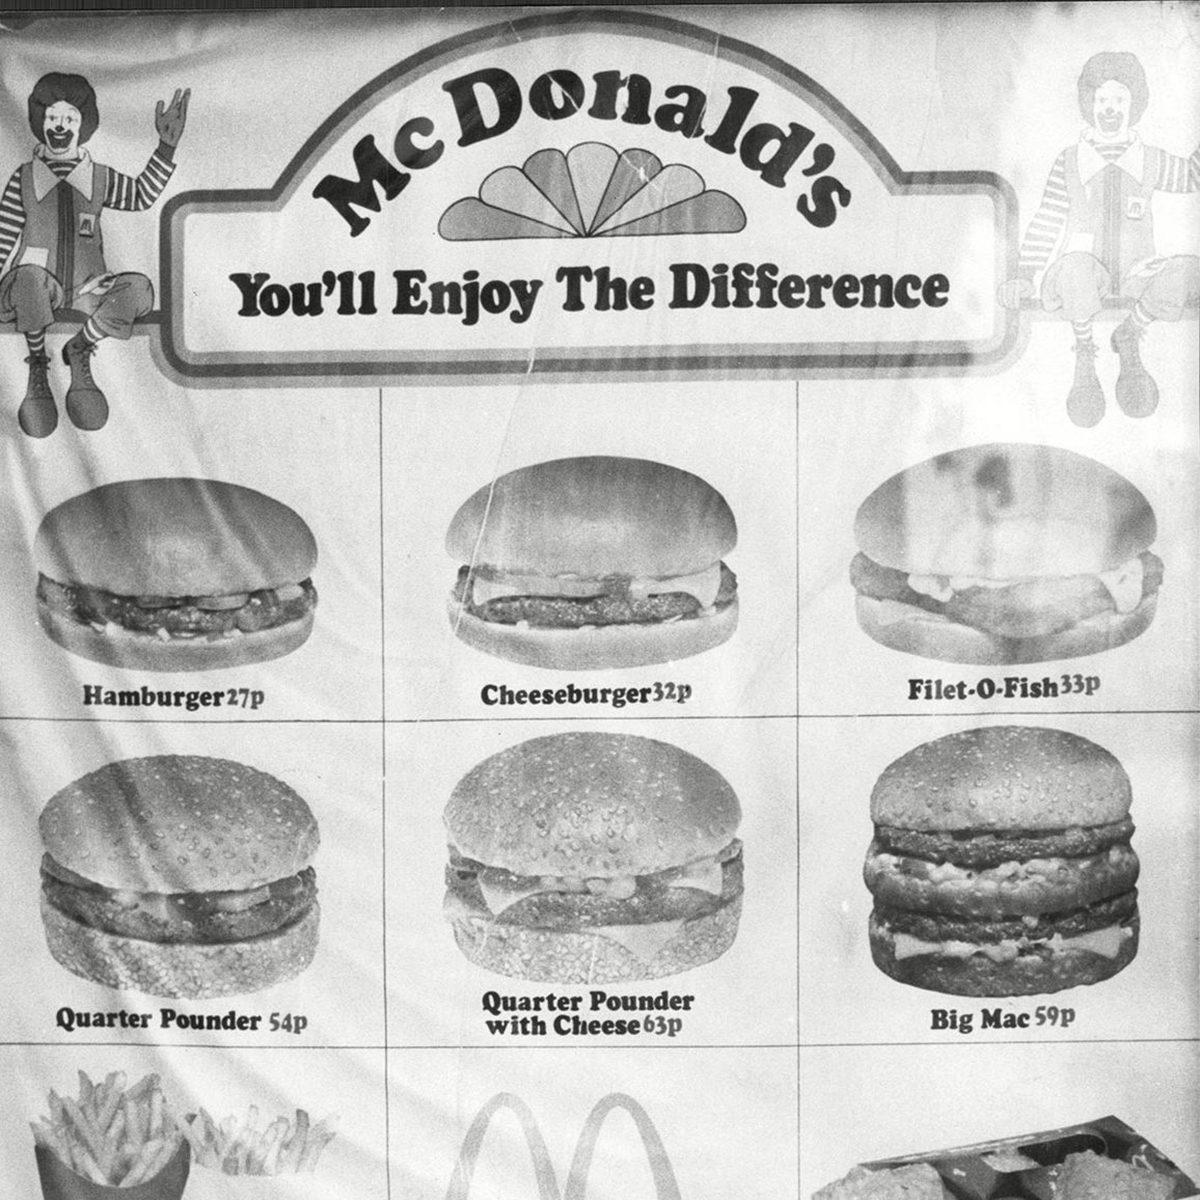 A 1977 Mcdonald's Restaurant Menu.